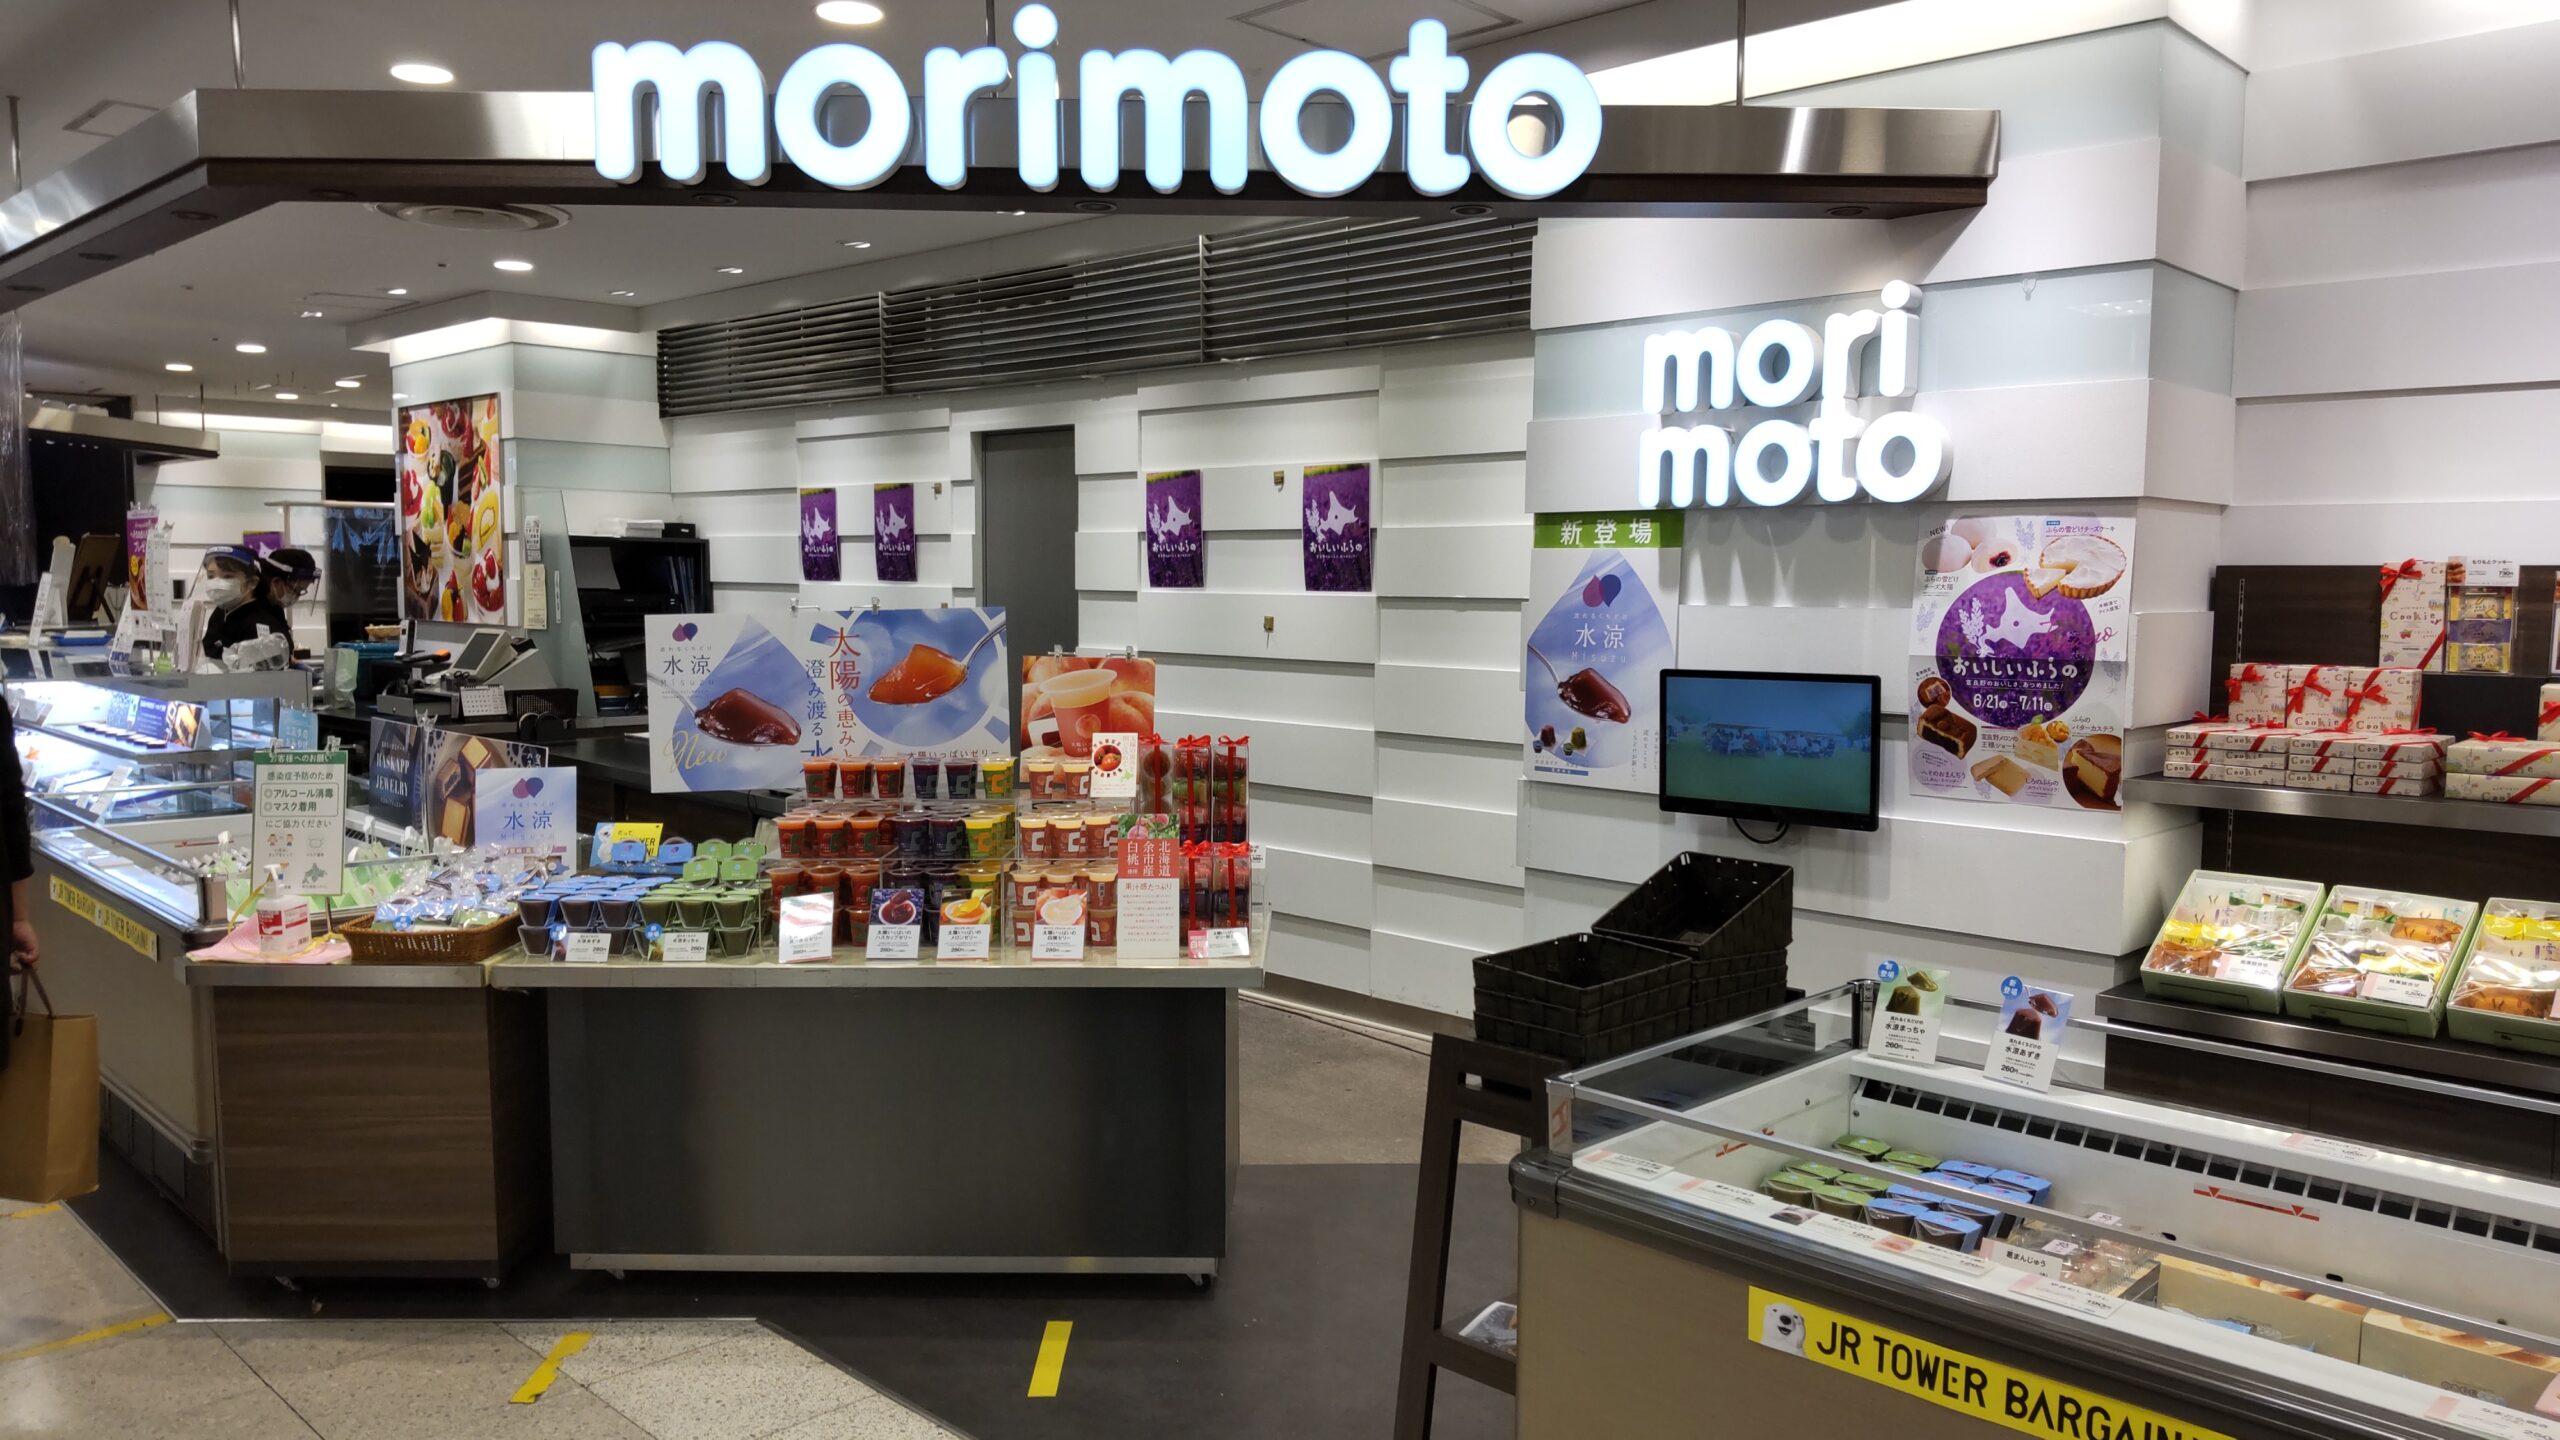 もりもと(morimoto) 札幌エスタ店